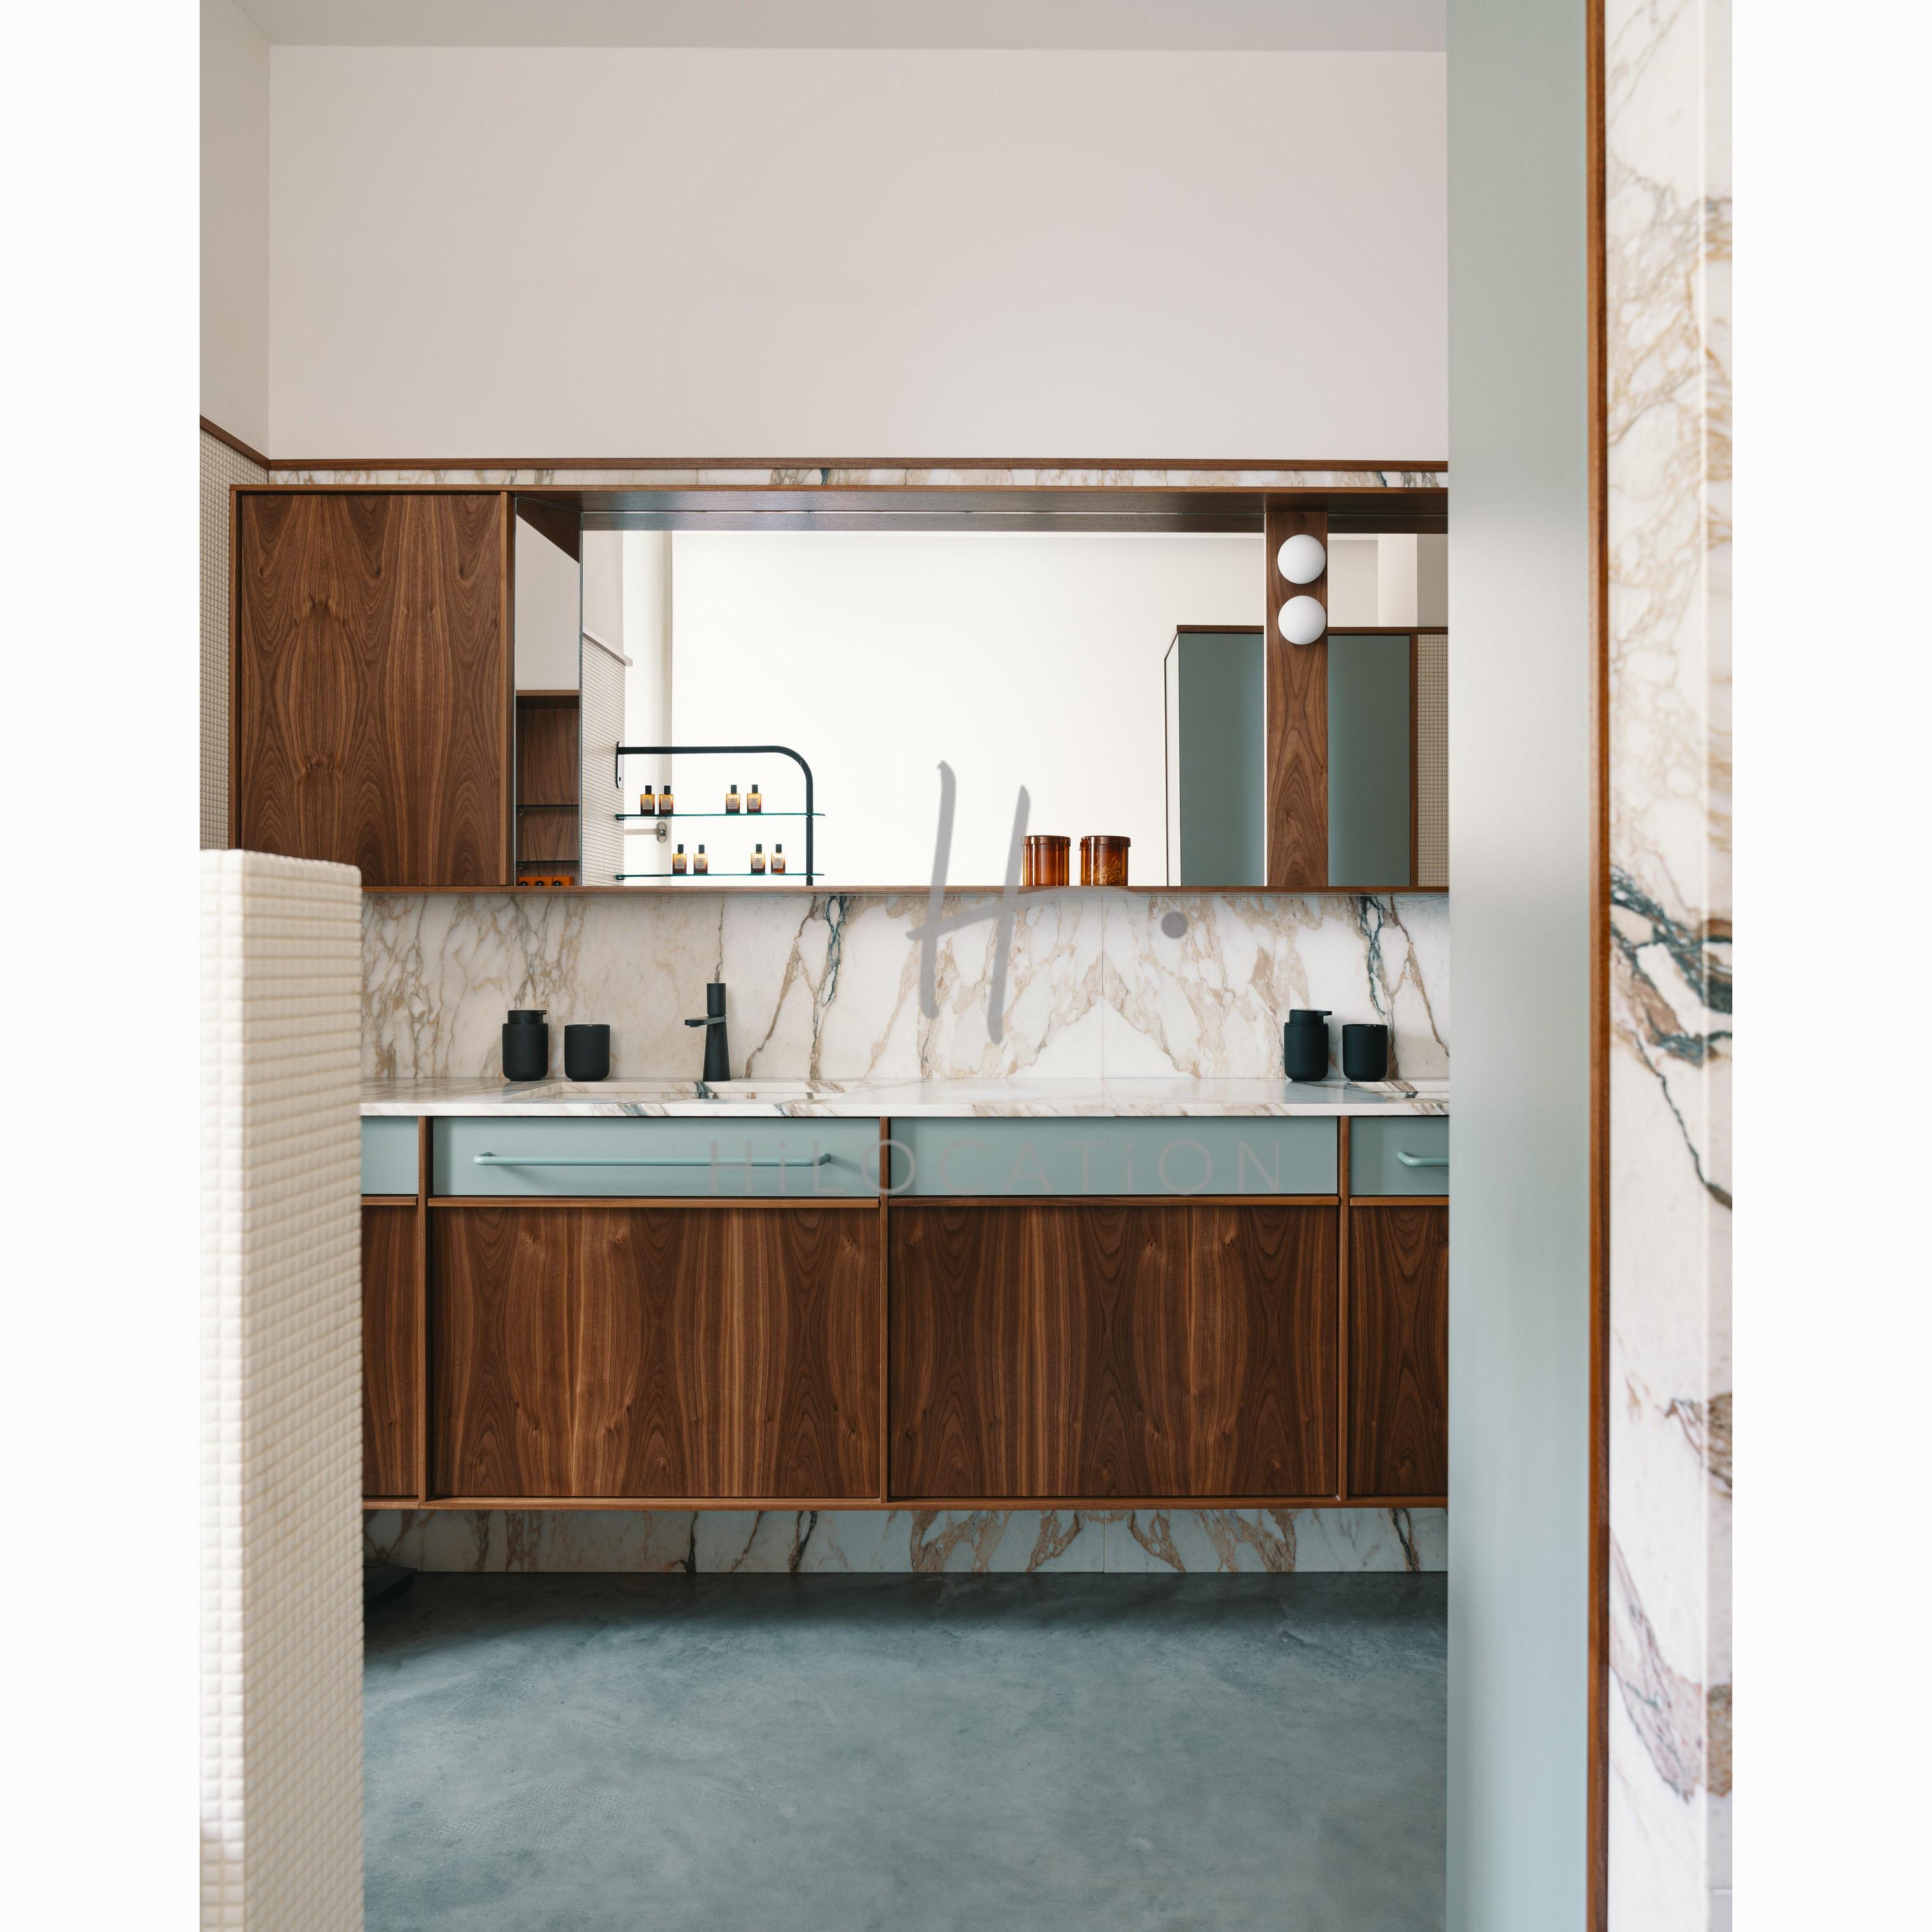 Casa-mille-apartment-interiors-italy-turin-fabio-fantolino_dezeen_2364_col_10 (1)